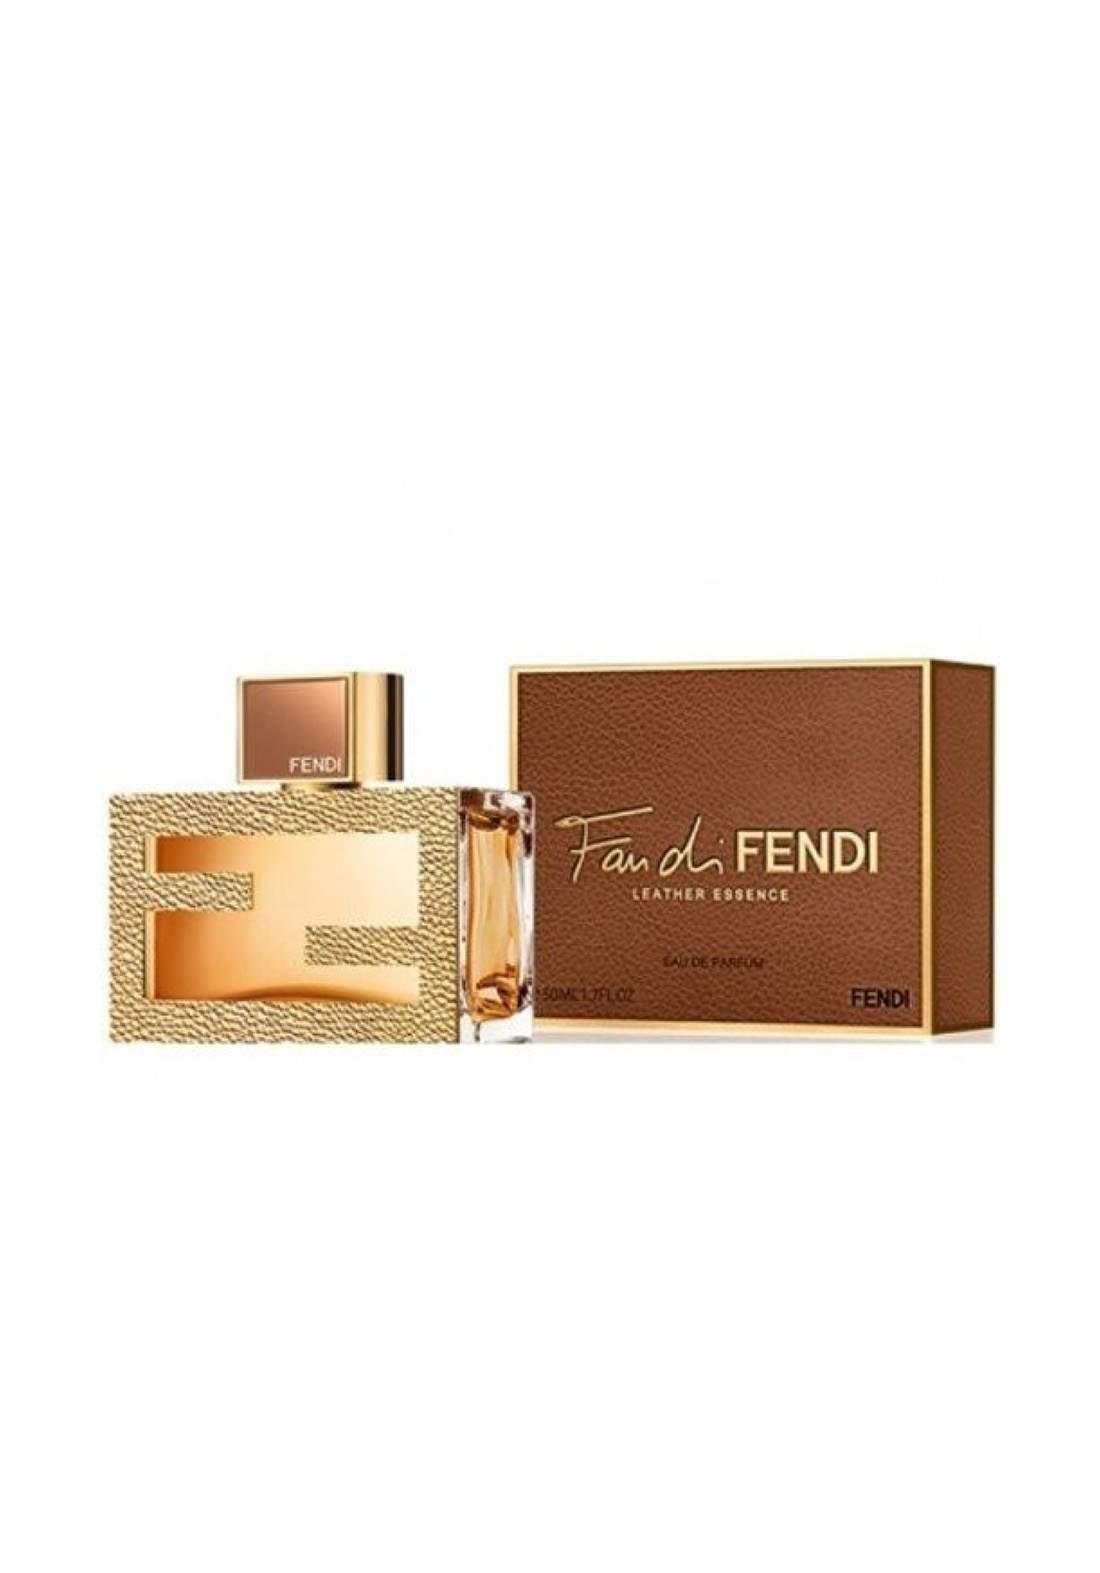 Fendi Fan Di Fendi Leather Essence for Women Eau de Parfum, 50ml - عطر نسائي